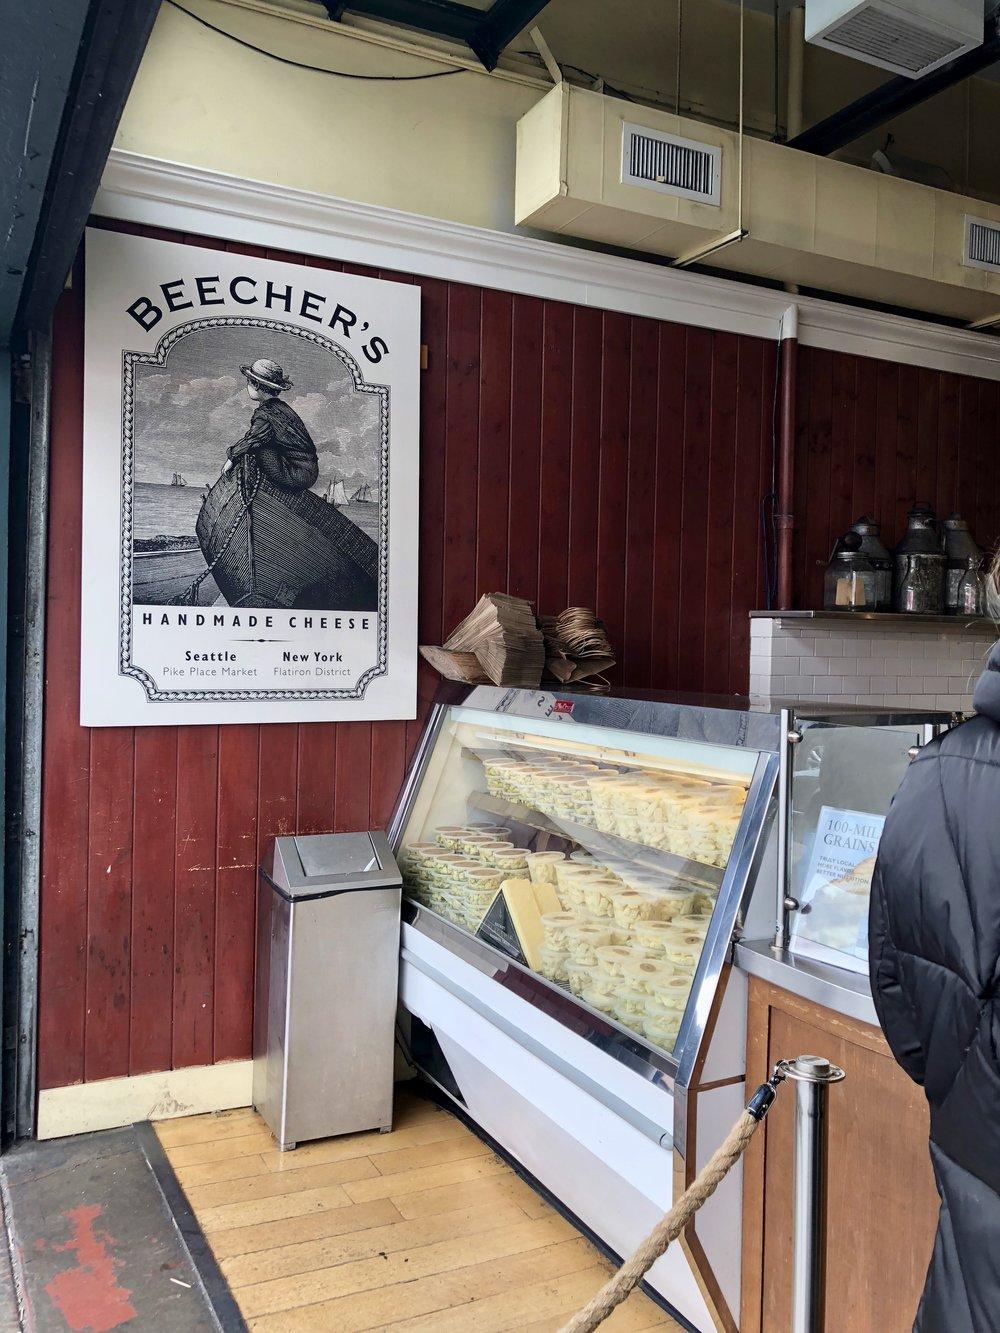 Beecher's Handmade Cheese -